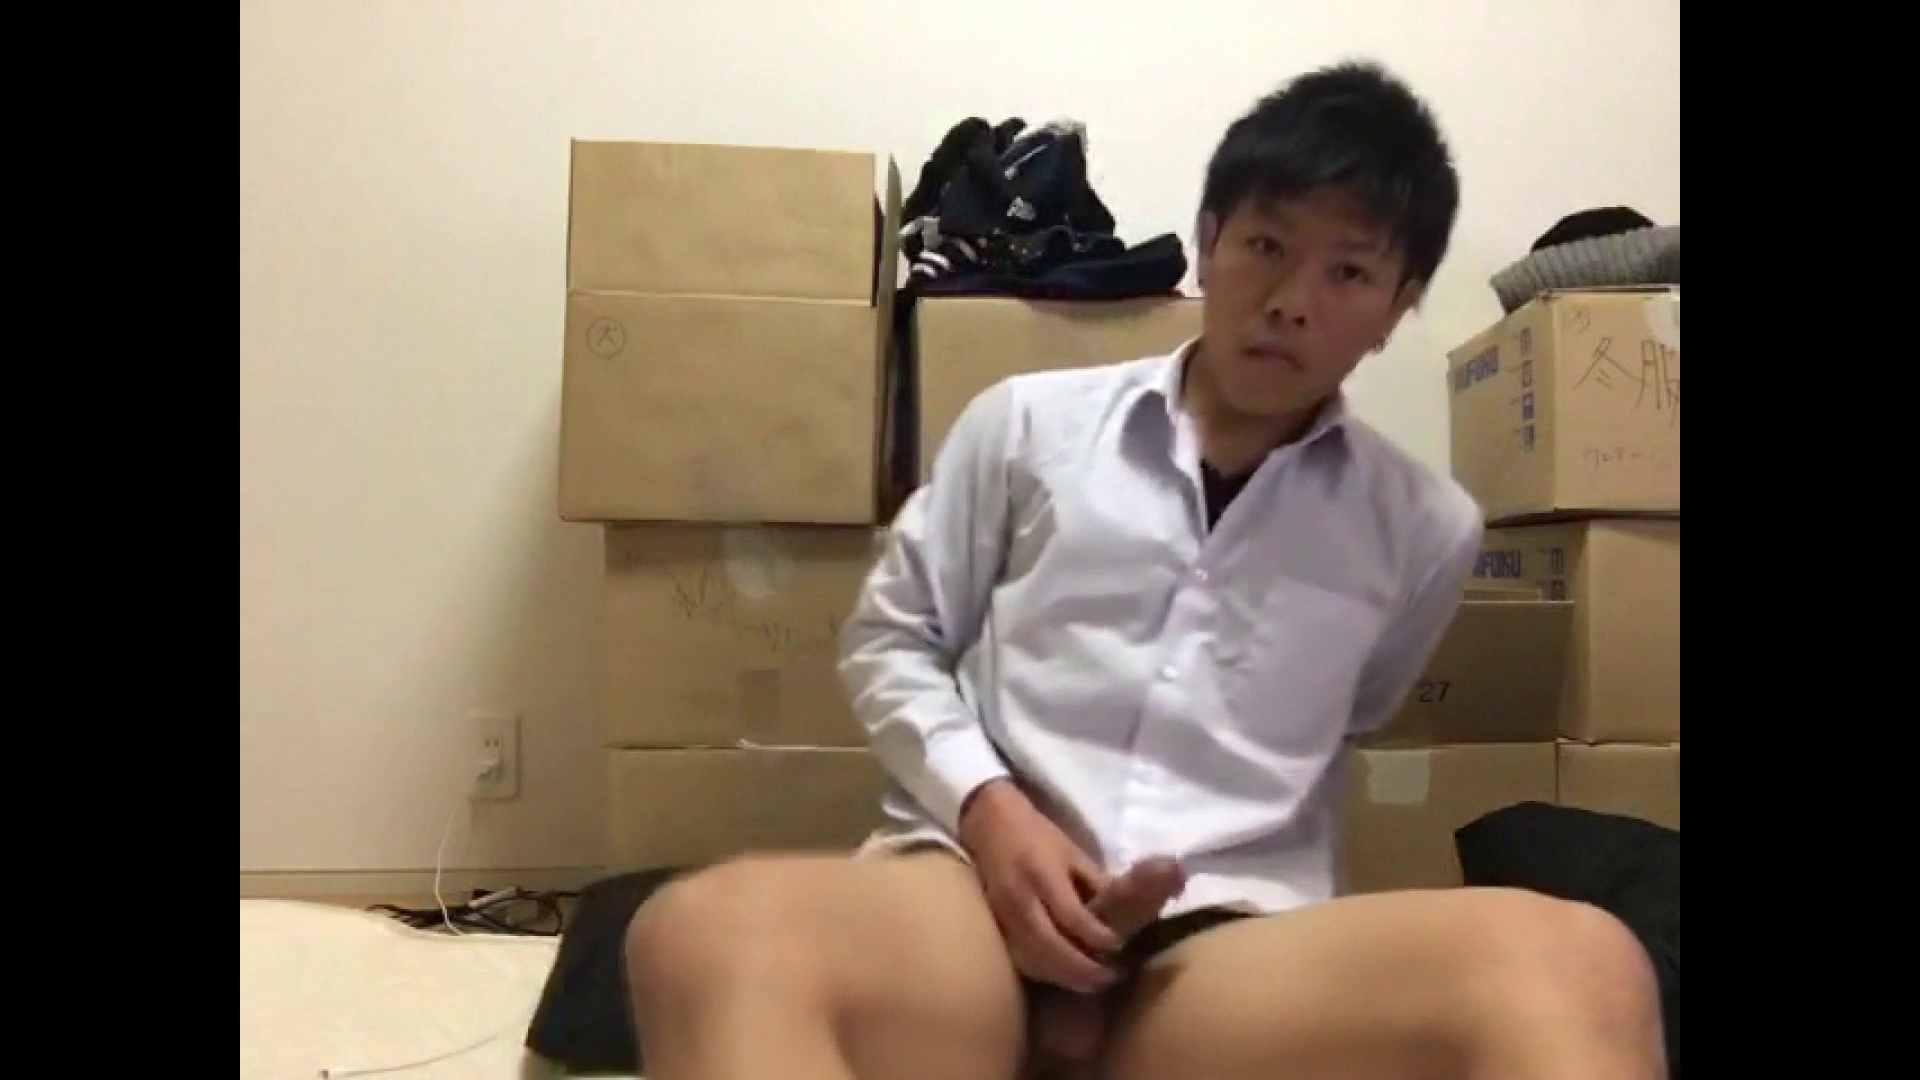 個人撮影 自慰の極意 Vol.1 個人撮影 ゲイエロ動画 82pic 5